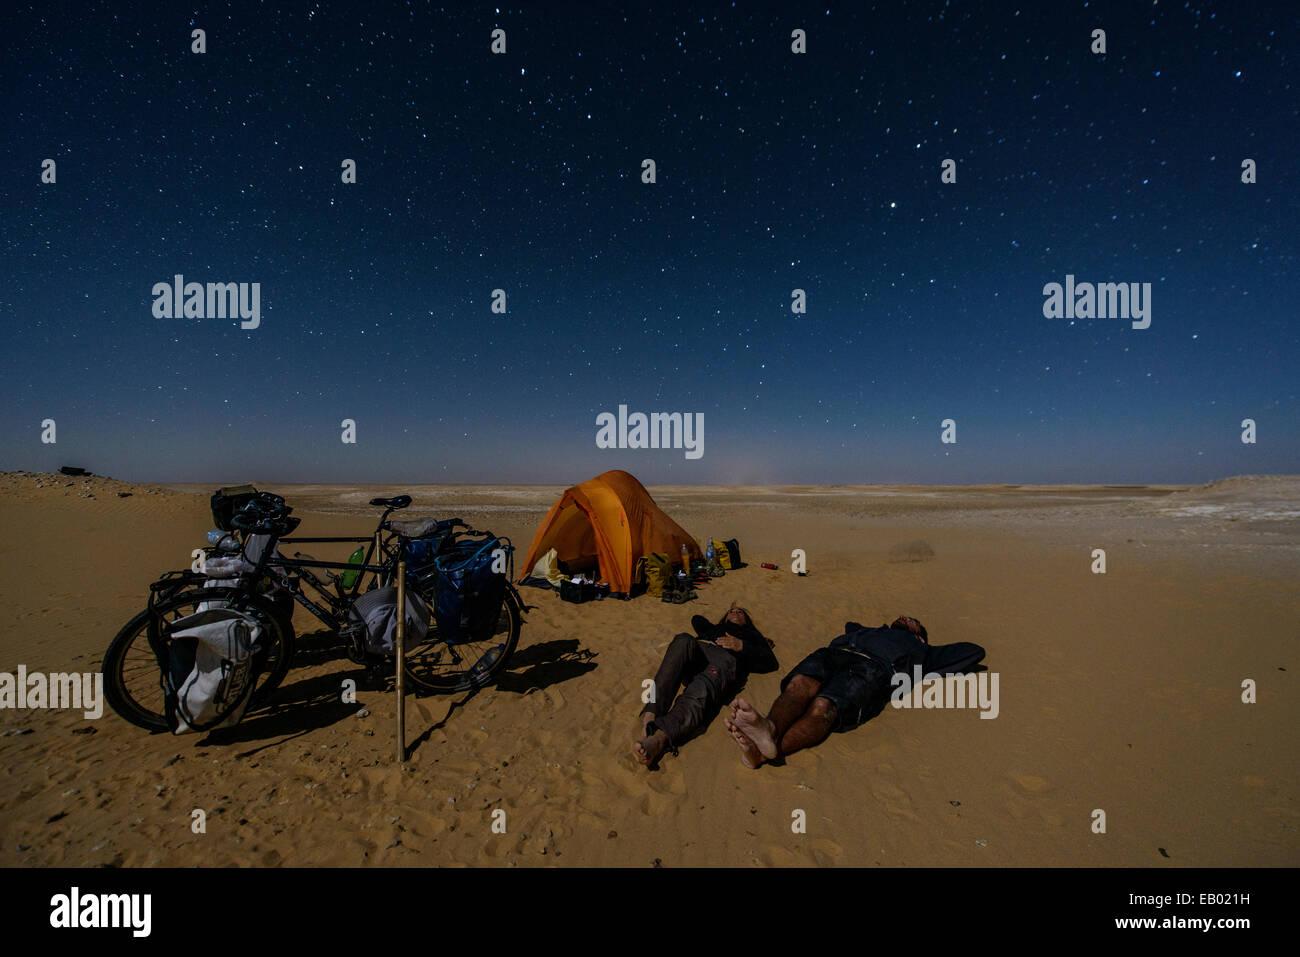 Couple dormir à la belle étoile dans le désert du Sahara, l'Egypte Photo Stock